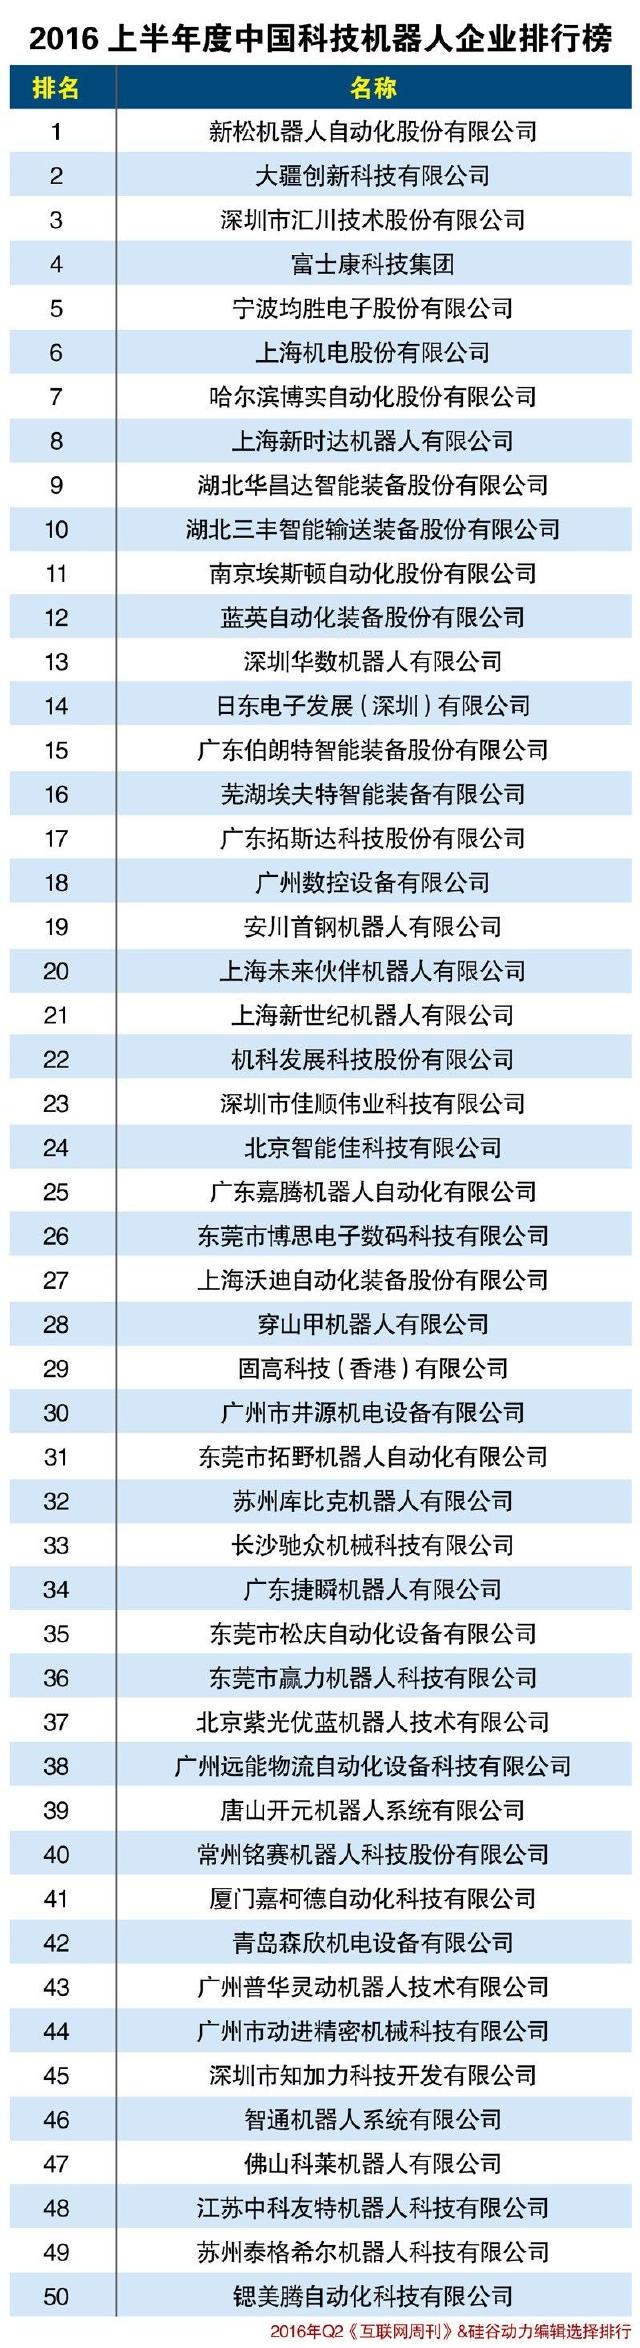 中国科技机器人企业排行榜图片